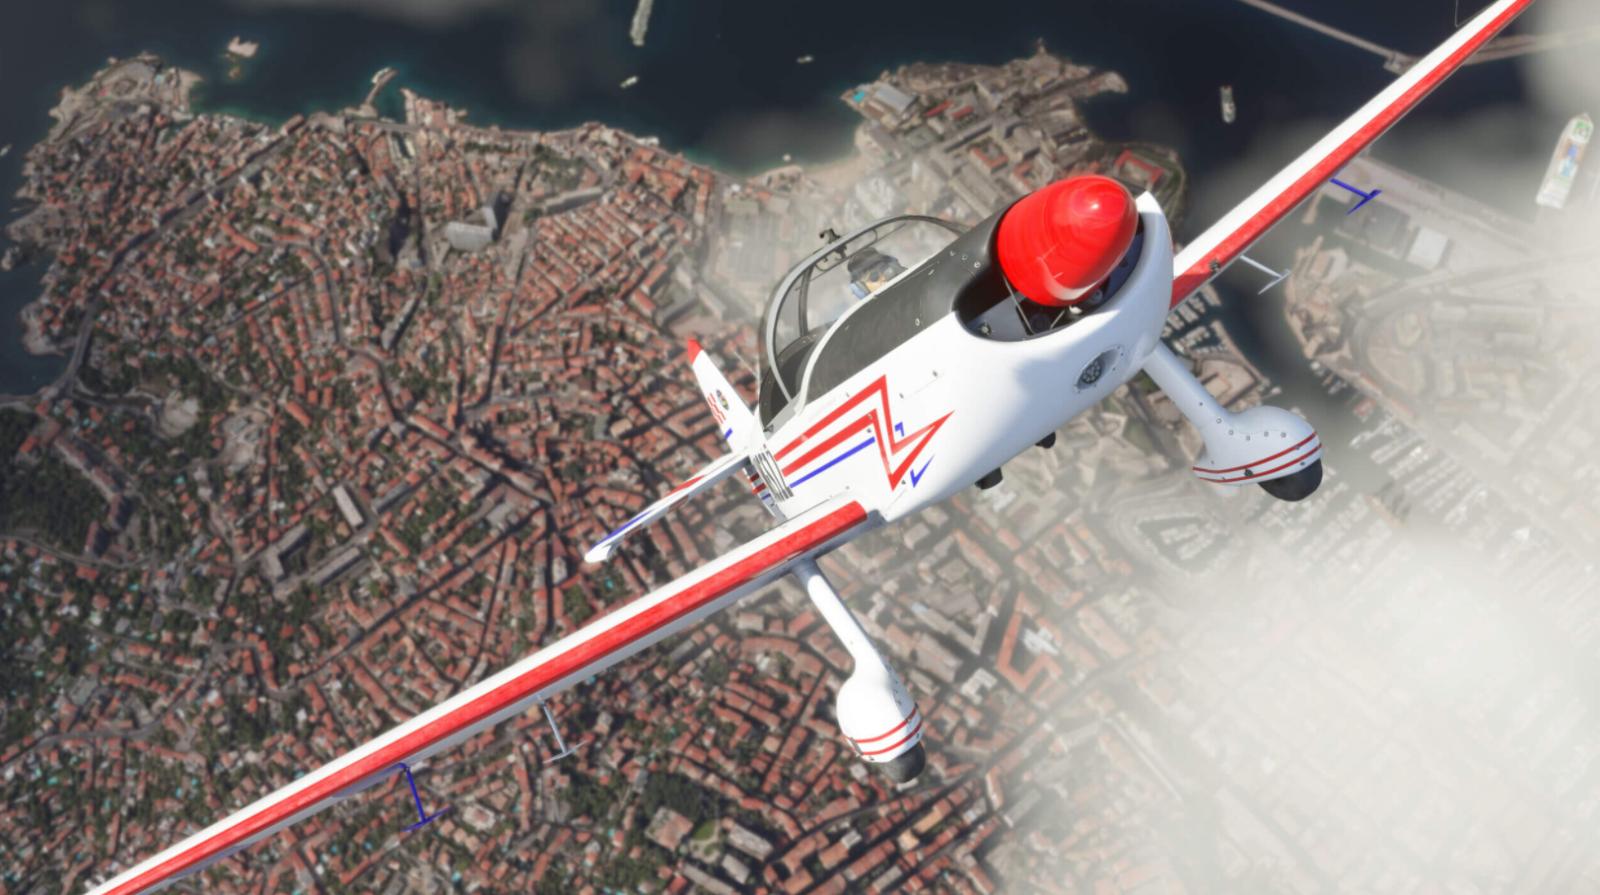 《微软模拟飞行》现已支持VR设备